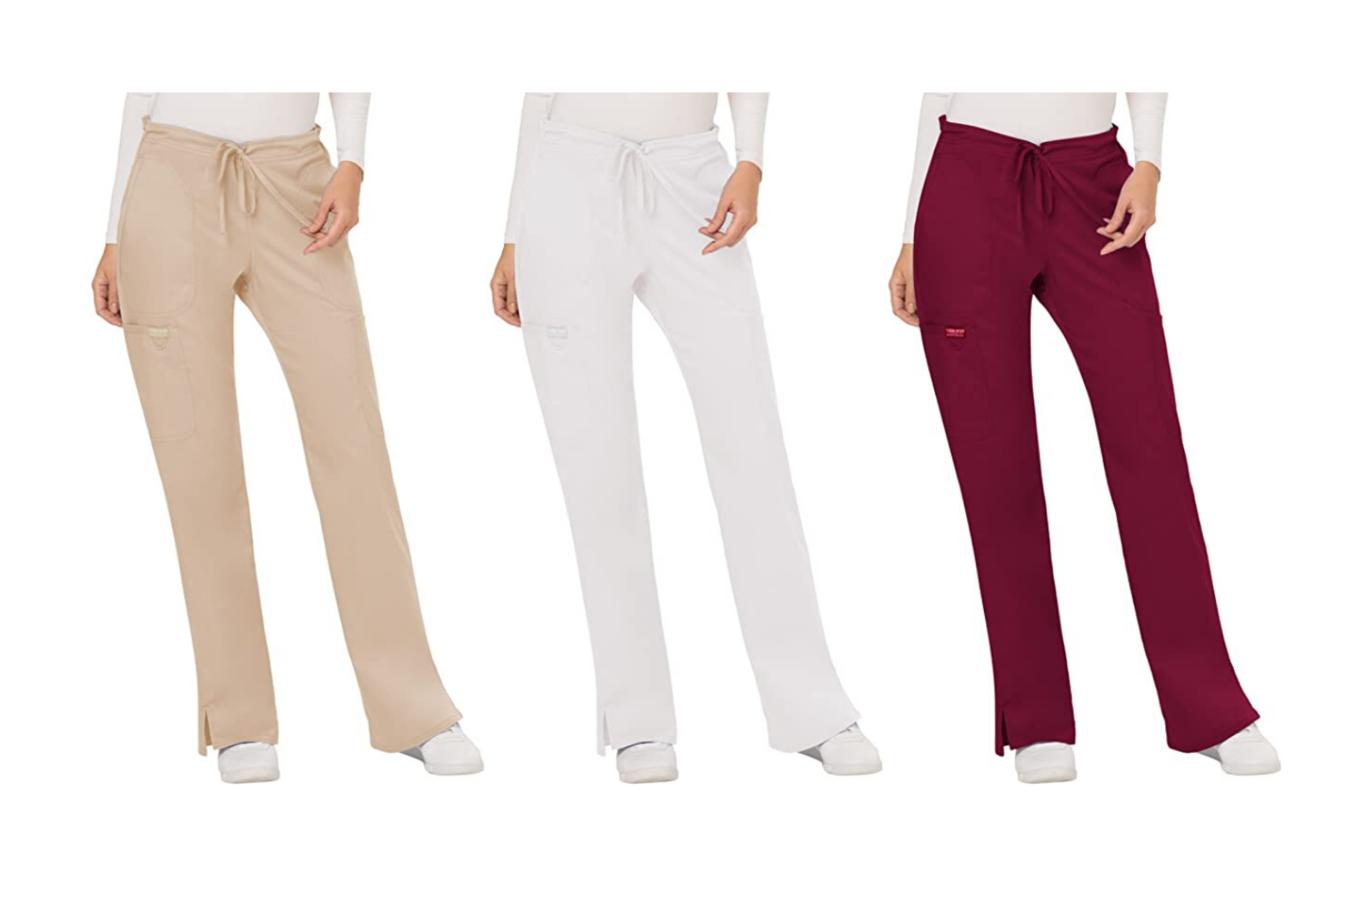 amazon loungewear pants